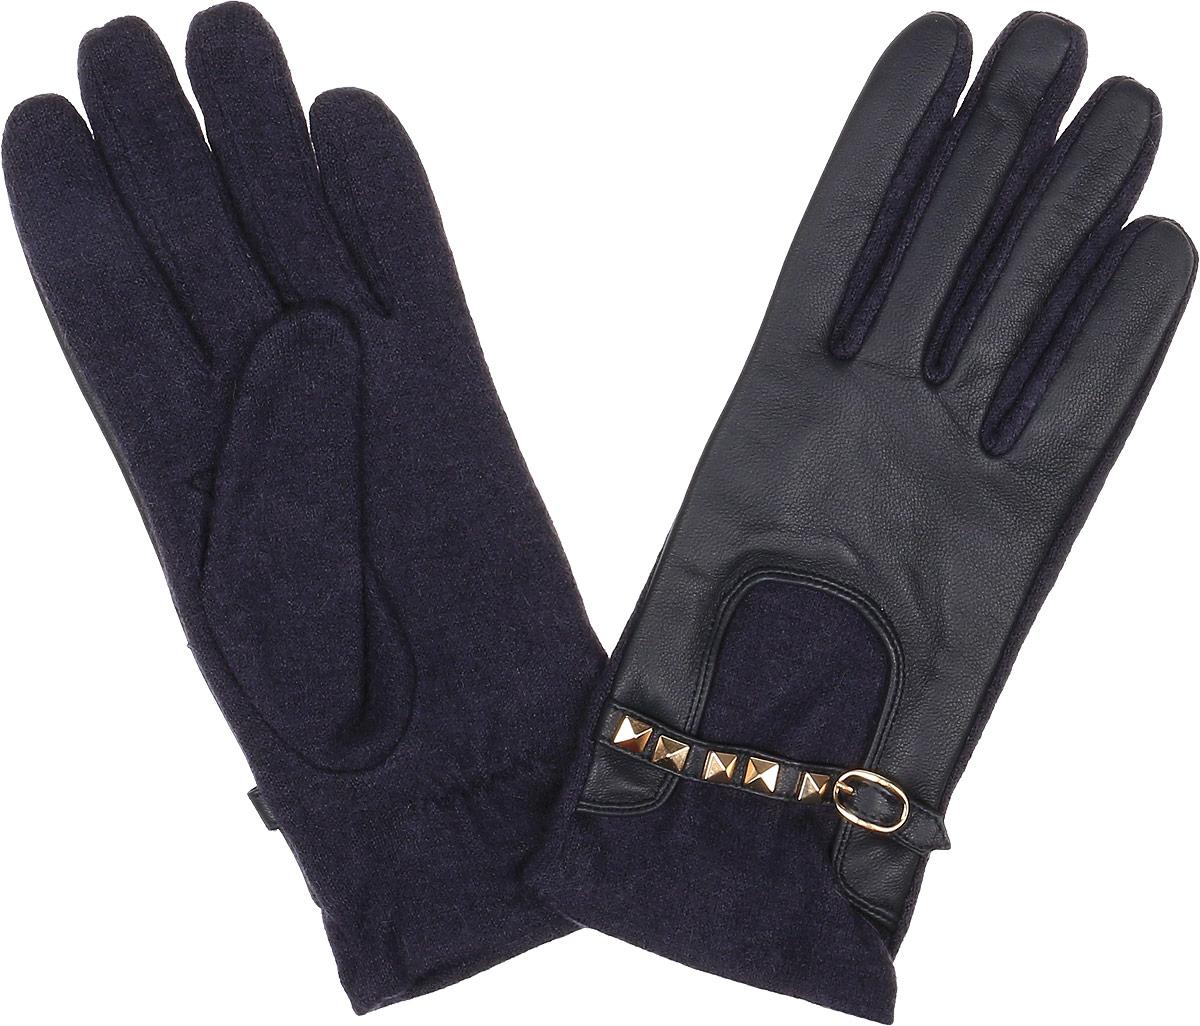 Перчатки женские Fabretti, цвет: темно-синий, фиолетовый. 41032. Размер M (6,5/7)3.5-12 navyСтильные женские перчатки Fabretti не только защитят ваши руки, но и станут великолепным украшением. Перчатки выполнены из натуральной кожи ягненка и высококачественной шерсти.Модель оформлена декоративным хлястиком с застежкой и металлическими заклепками. Перчатки имеют строчки-стежки на запястье, которые придают большее удобство при носке.Стильный аксессуар для повседневного образа.